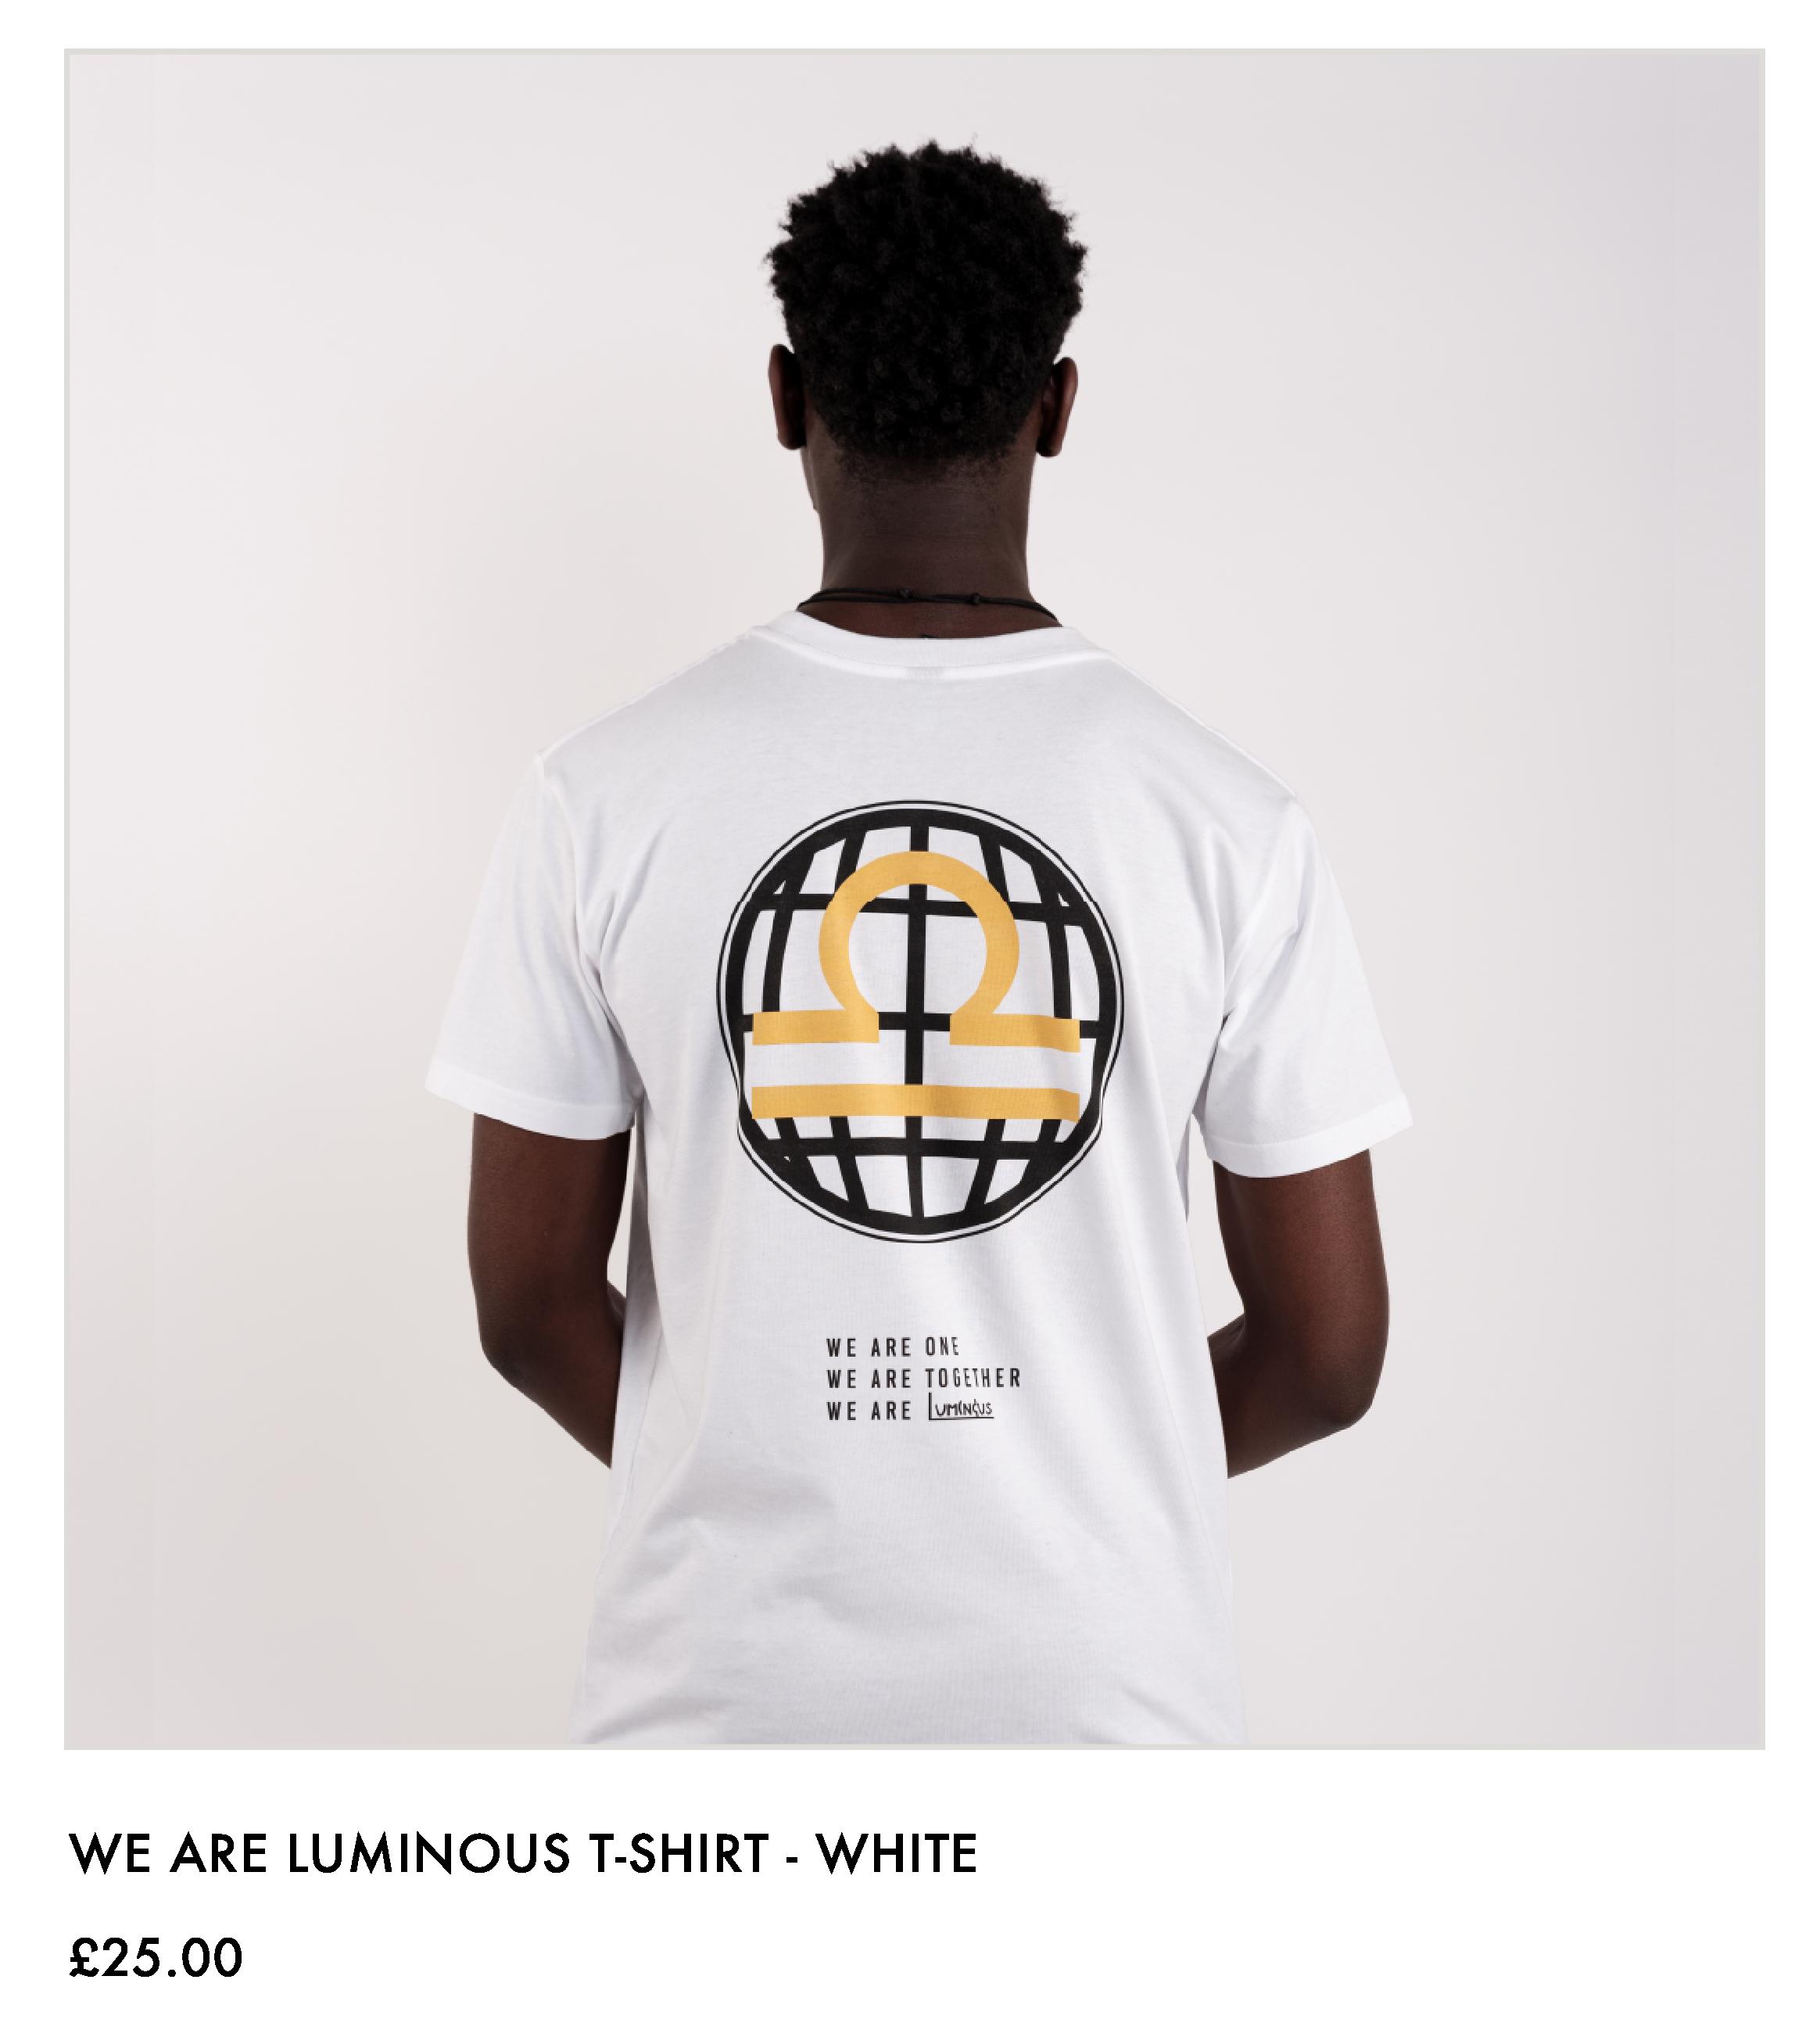 We Are Luminous T-shirt - White